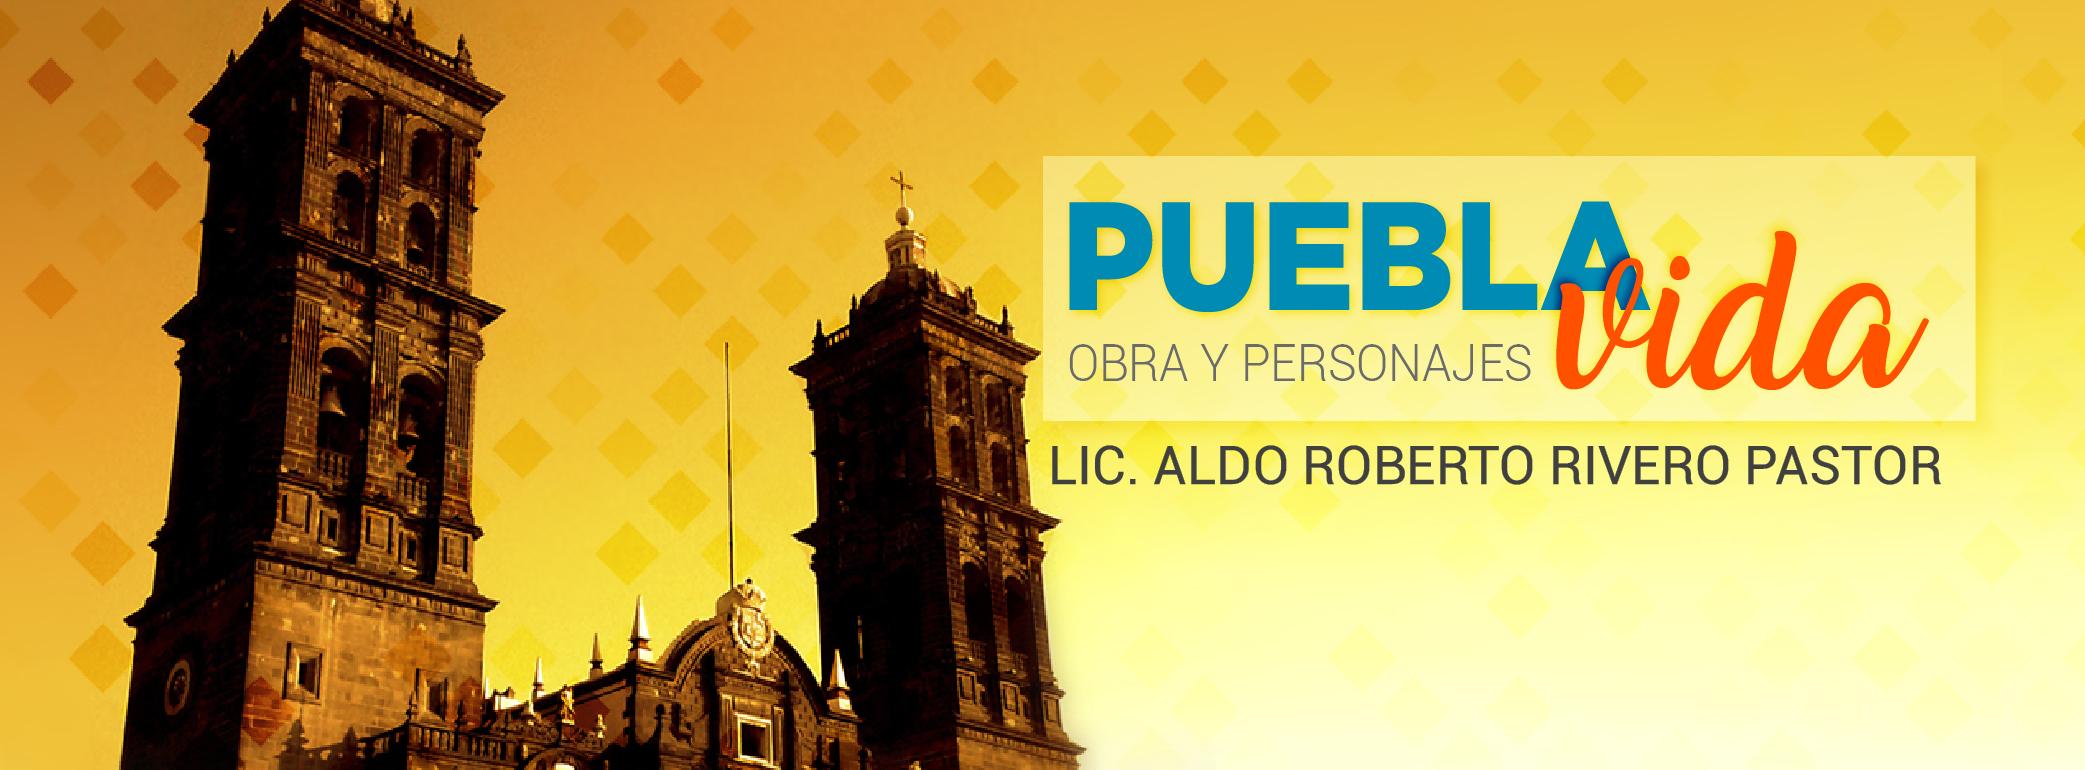 Puebla vida, obra y personajes